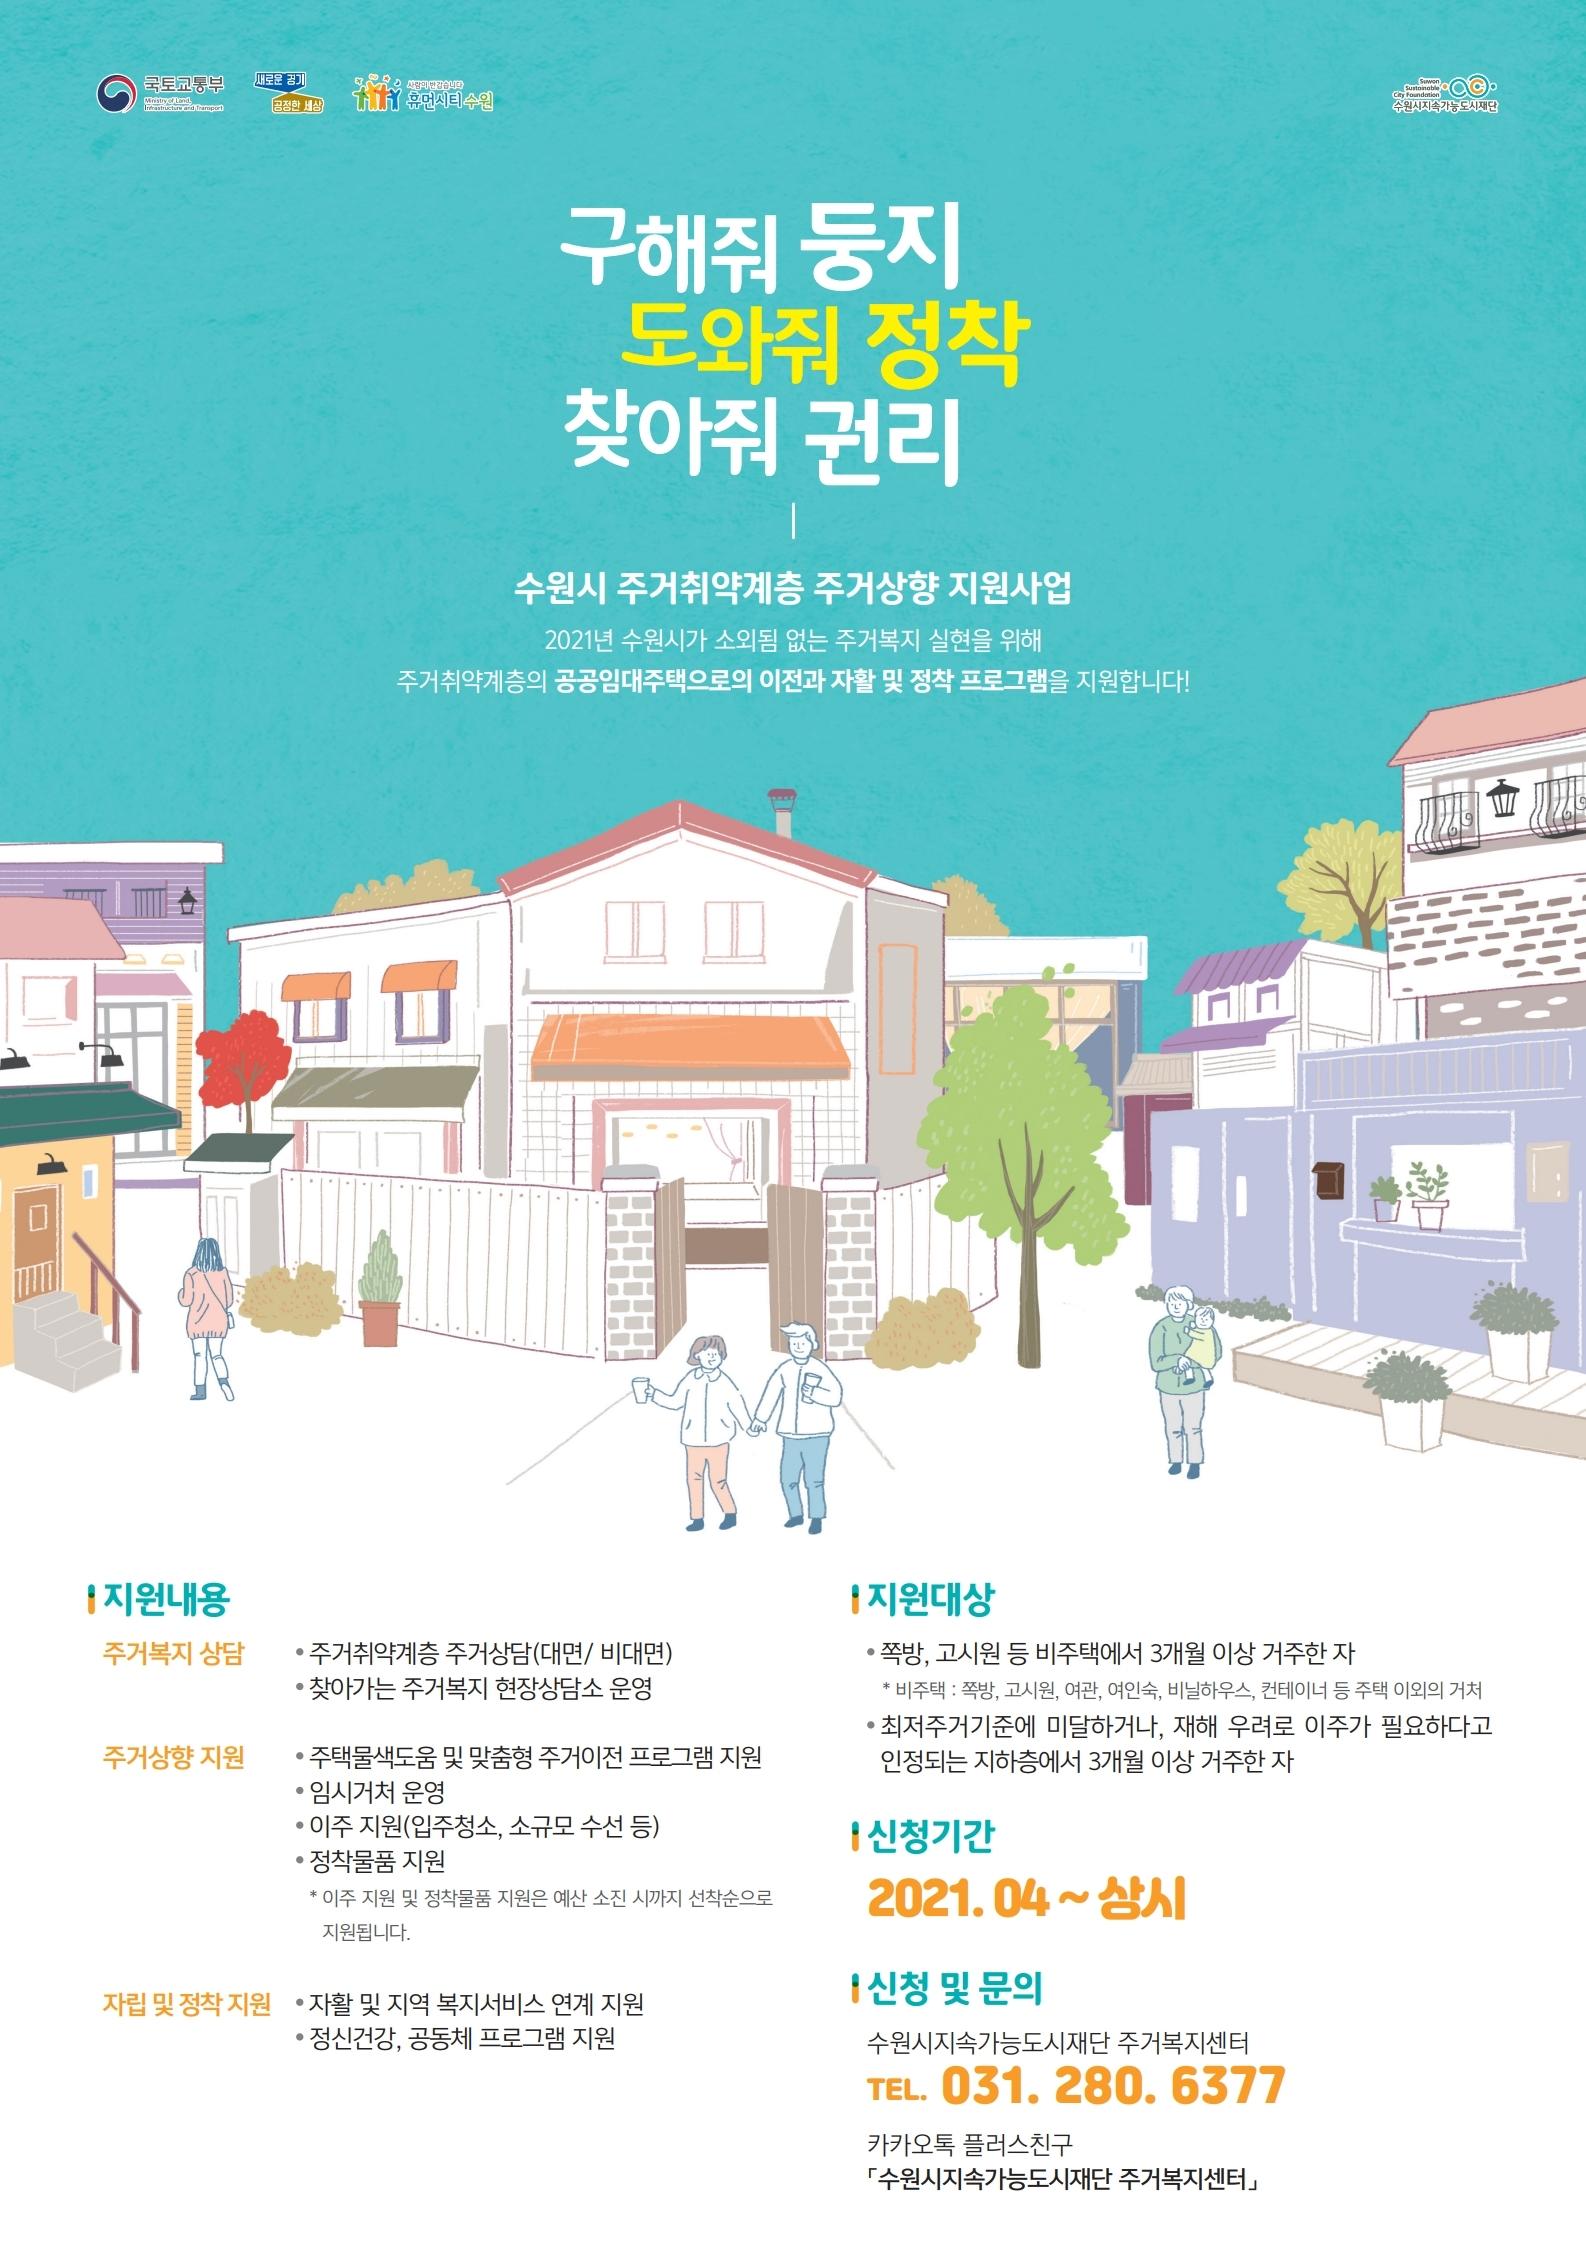 2021년 수원시 주거취약계층 주거상향 지원사업 홍보포스터